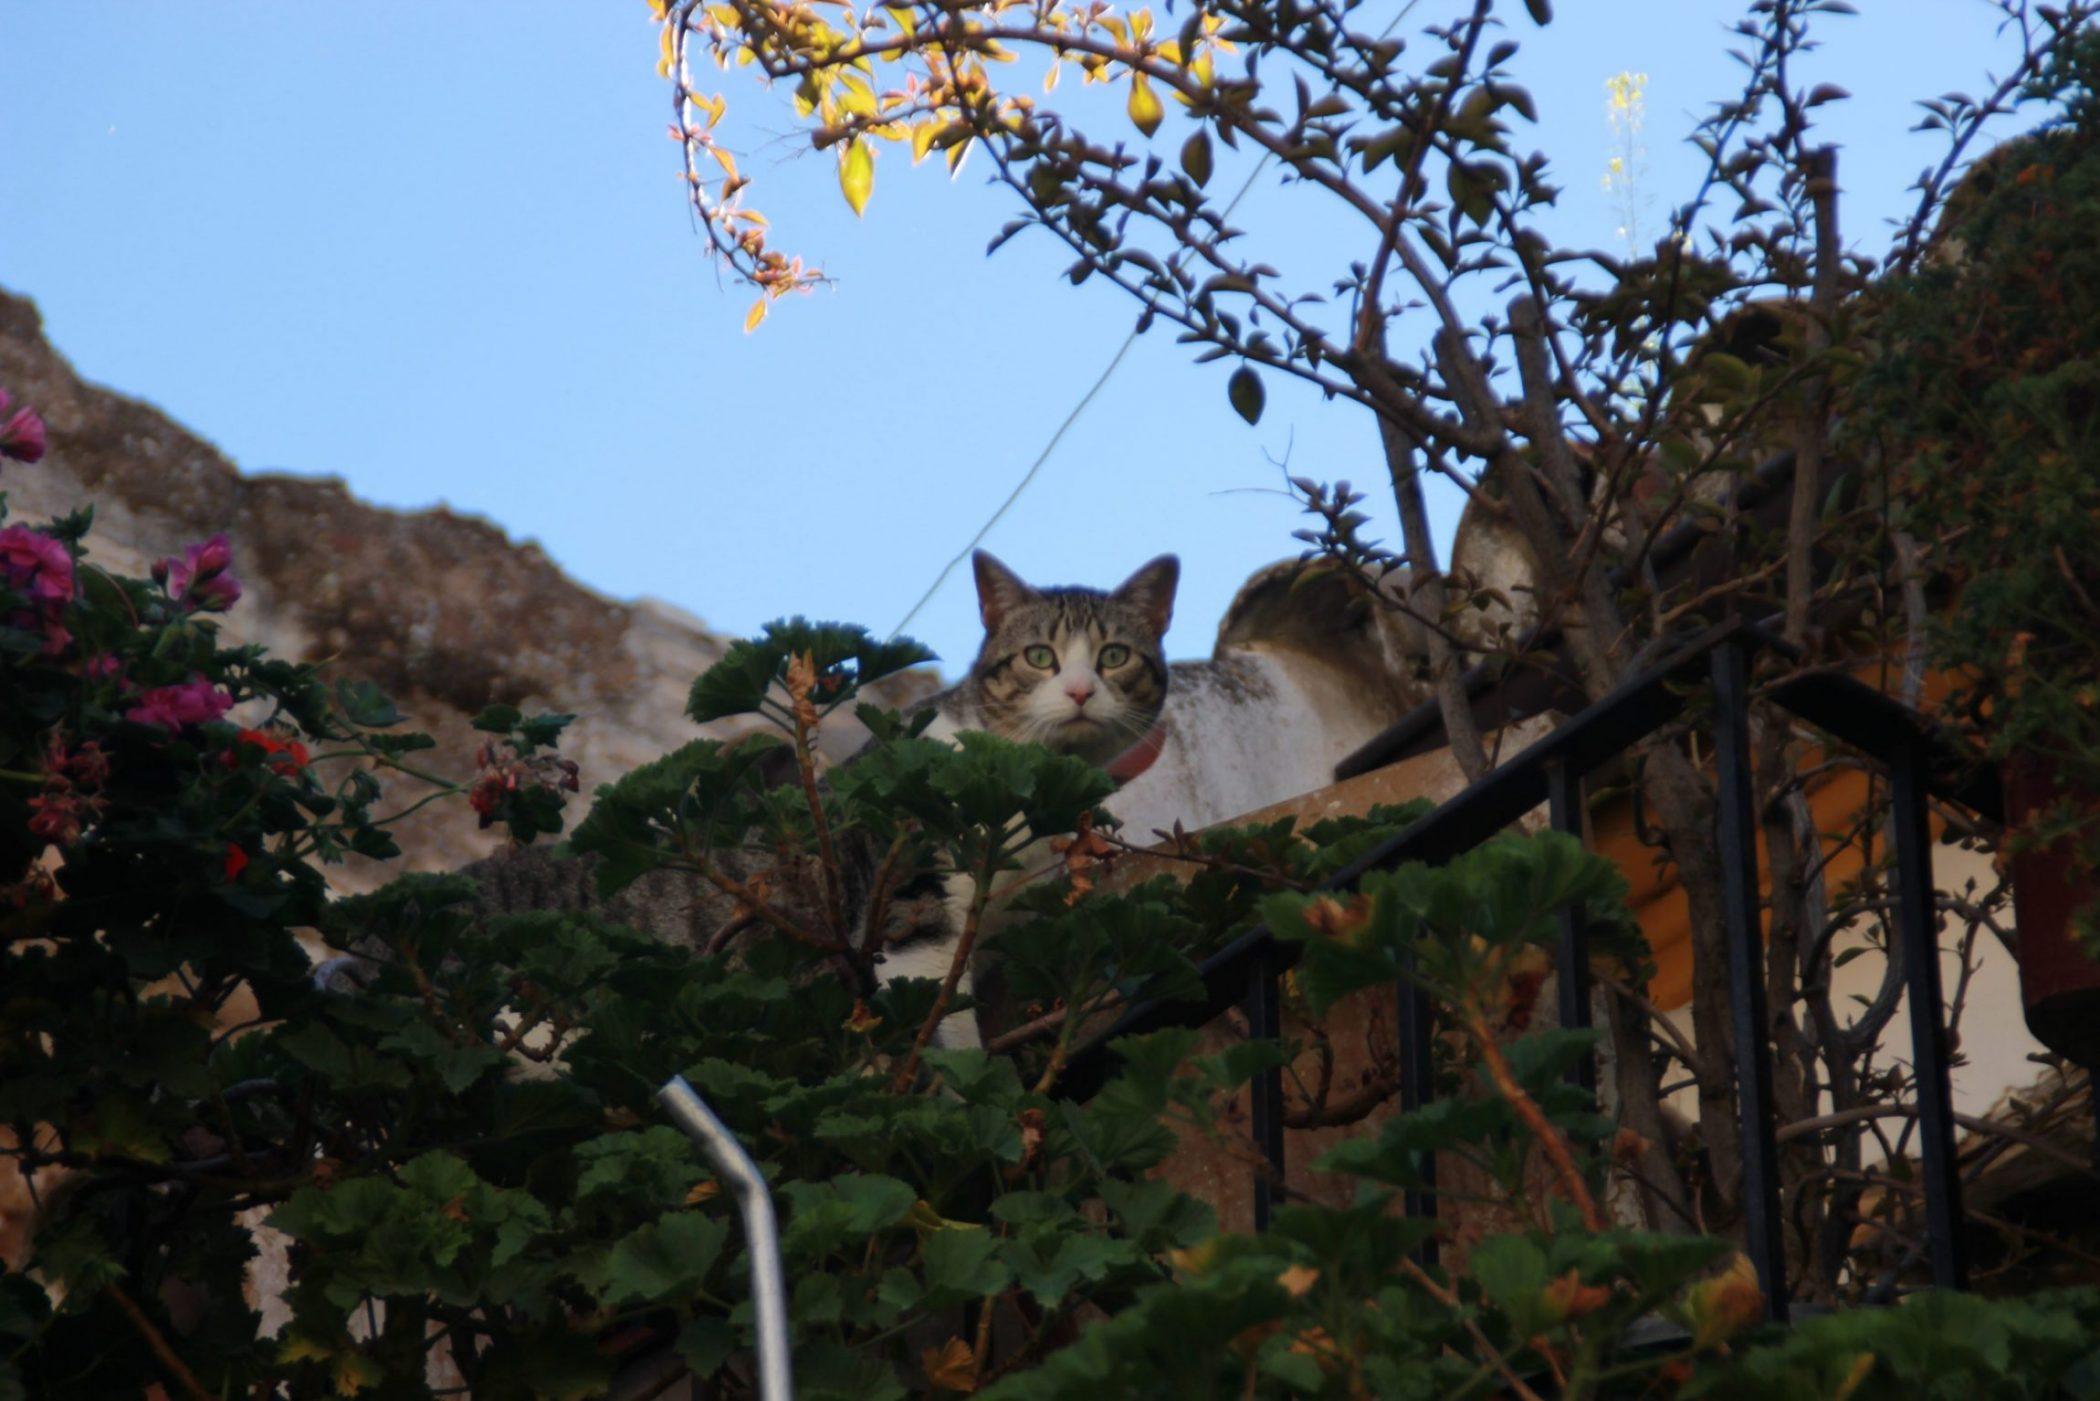 Incluso los gatos perciben que son lugares especiales y únicos